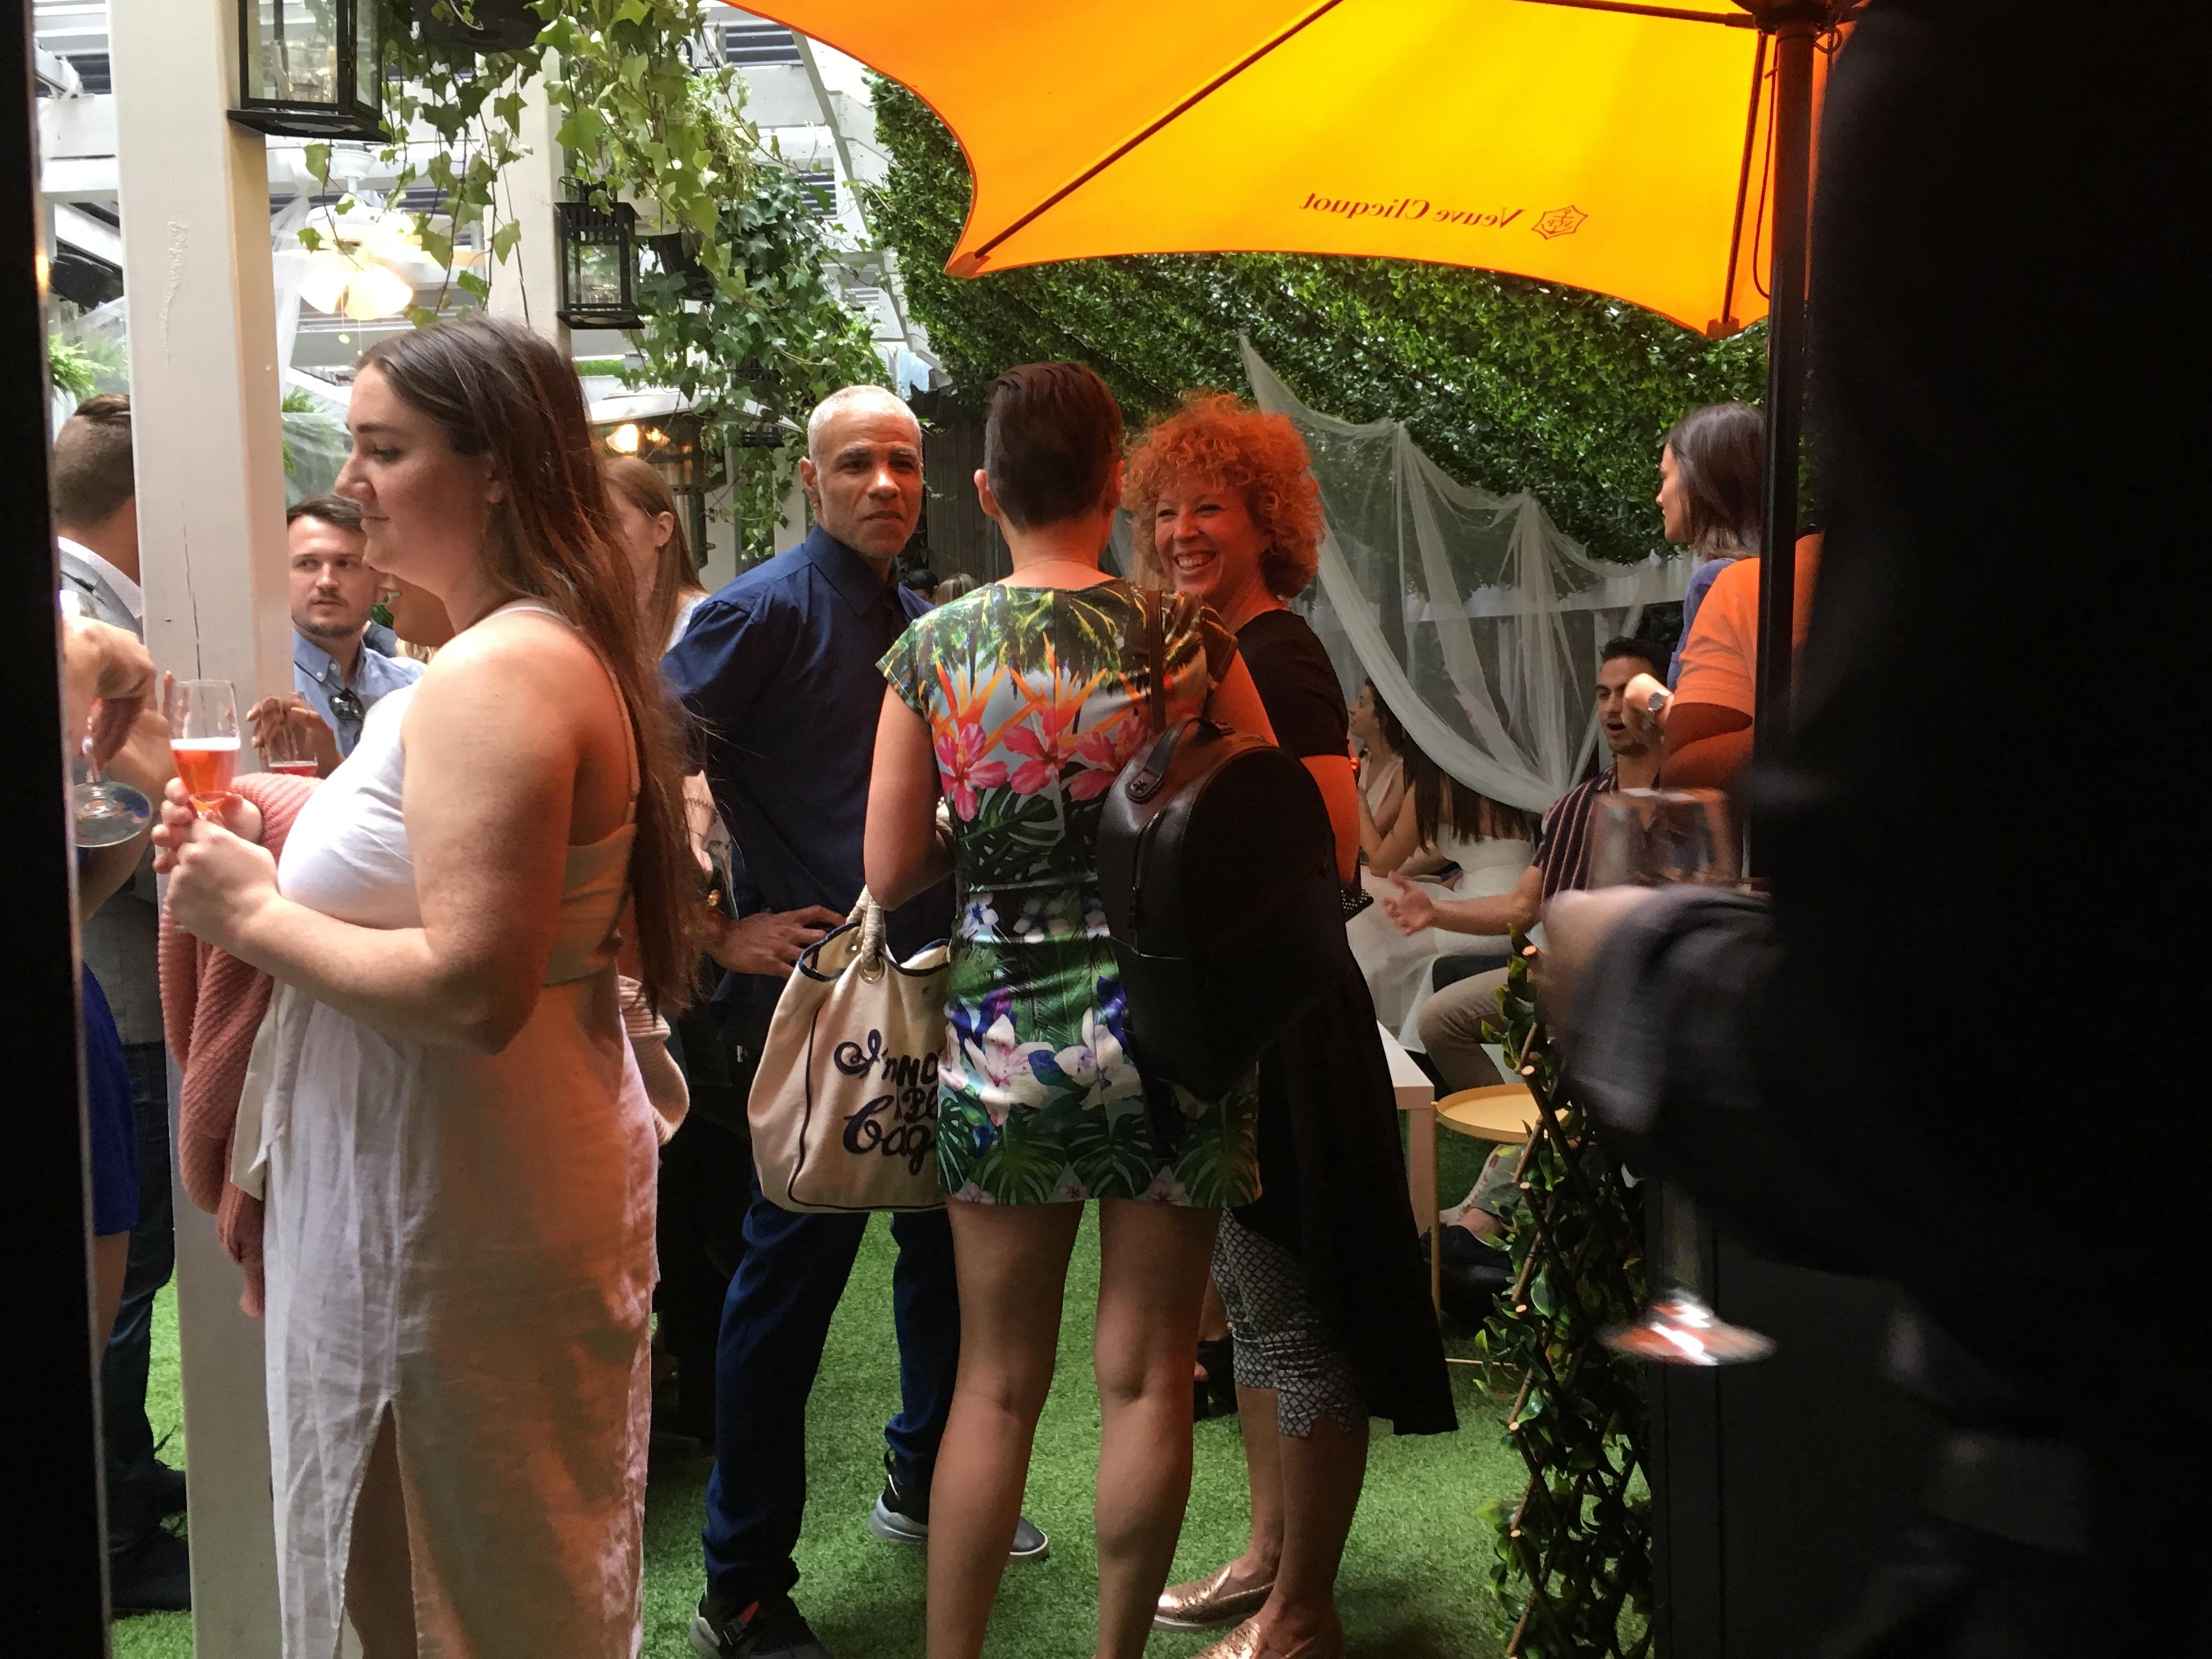 Un jardin de champagne cet été dans le Vieux-Montréal